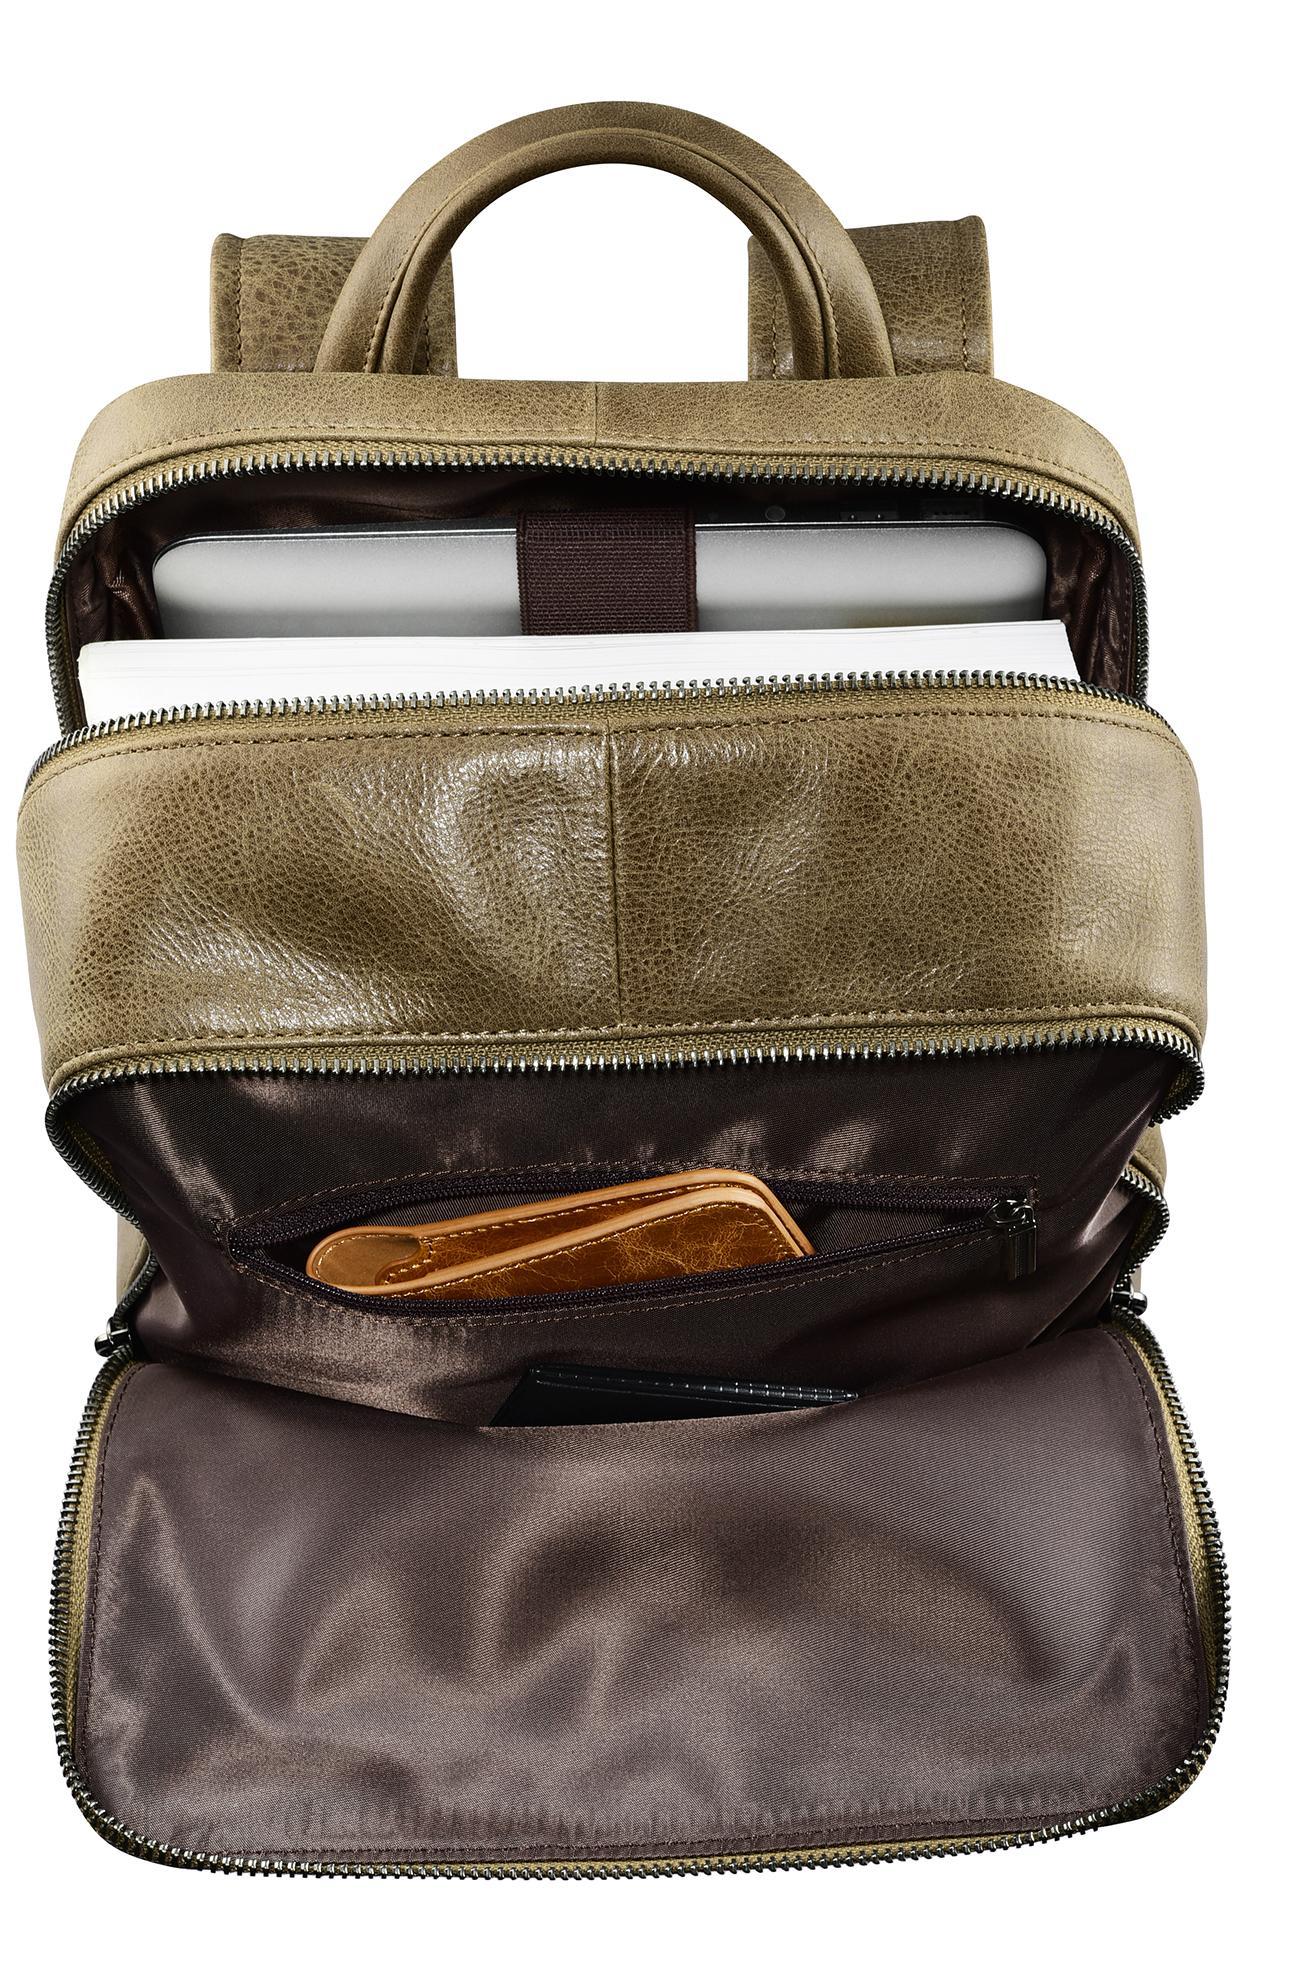 iCarer Shenzhou Real Leather Backpack 8